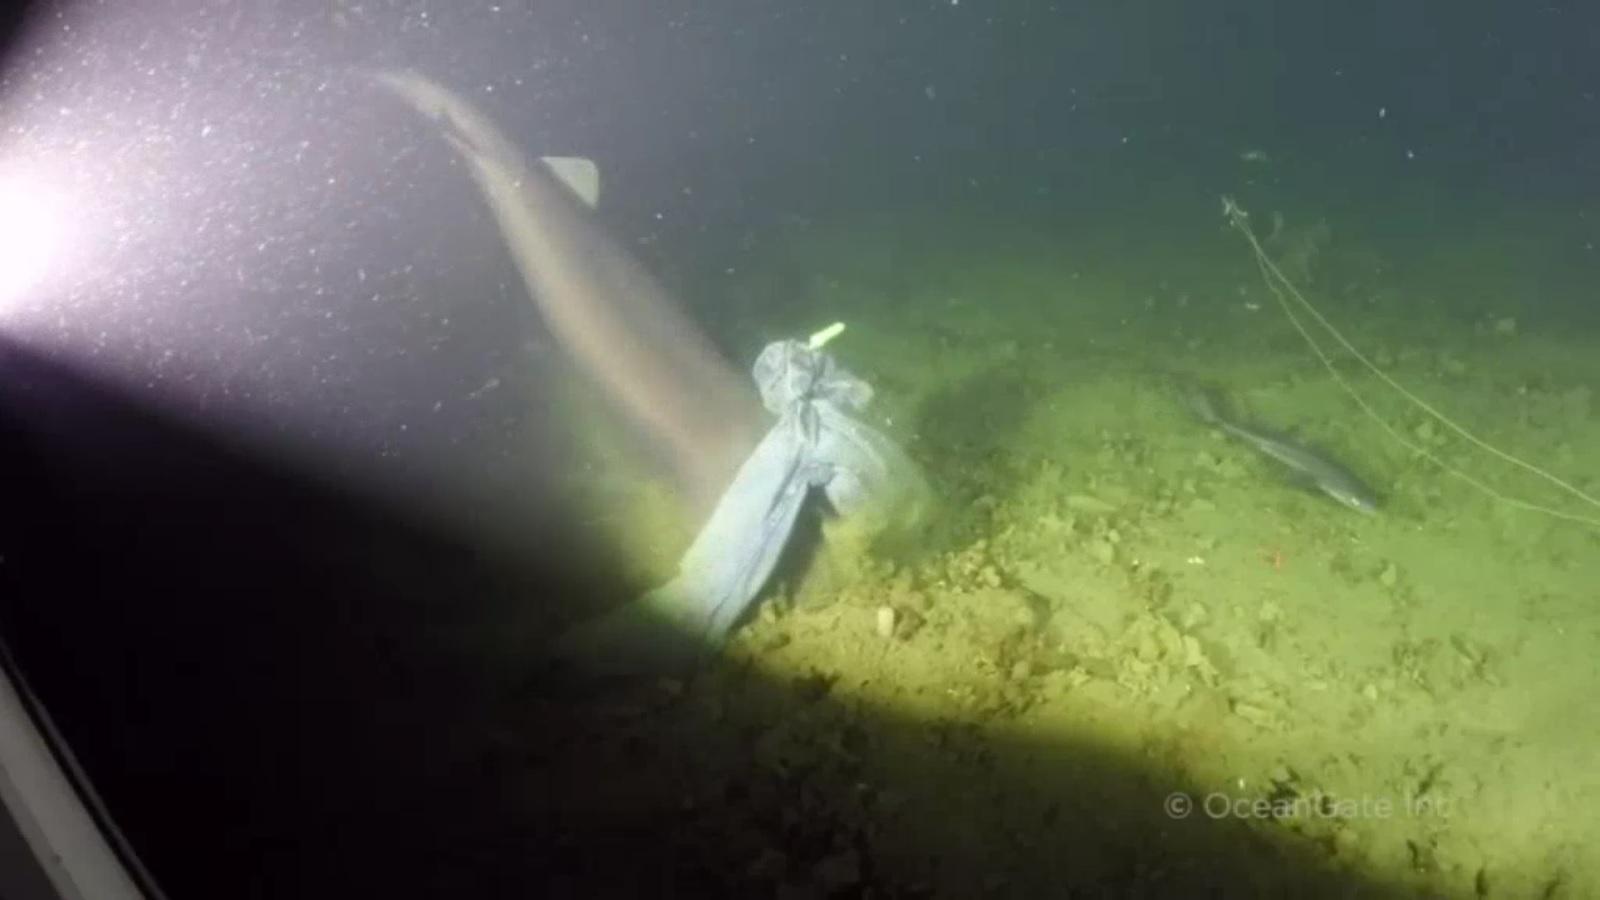 Bắt gặp cá mập 6 mang có nguồn gốc trước thời khủng long - 2